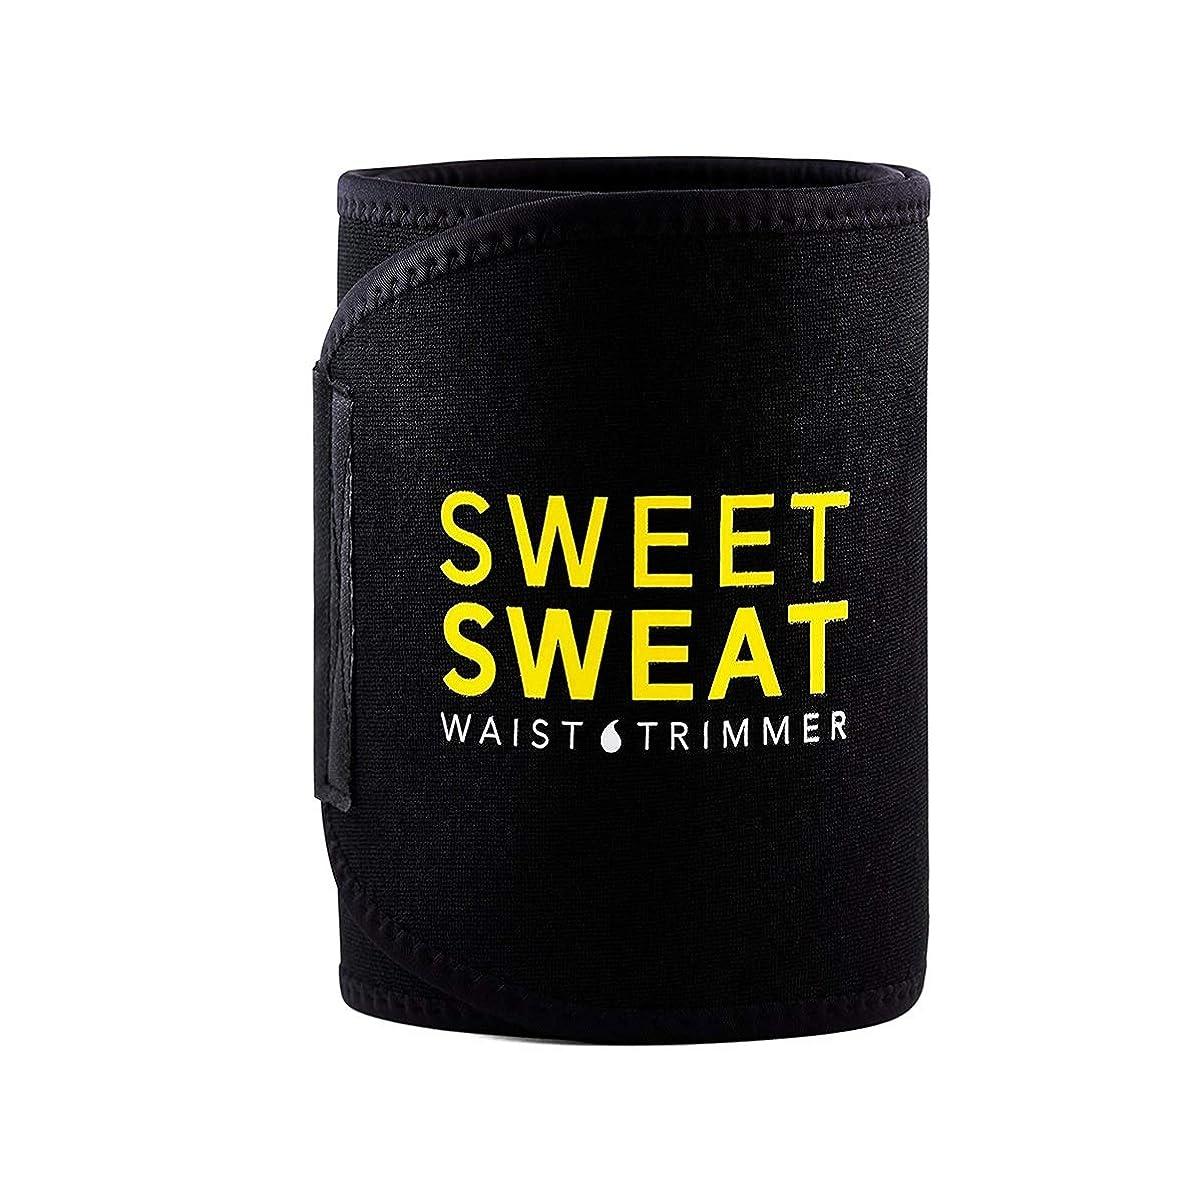 剃る失礼なパッケージフィットネスエクササイズベルト ネオプレンで作られたが、運動は、熱とバーンズ脂肪を生成脂肪と退院毒素を取り除き、水分吸収を阻害します (Size : S)